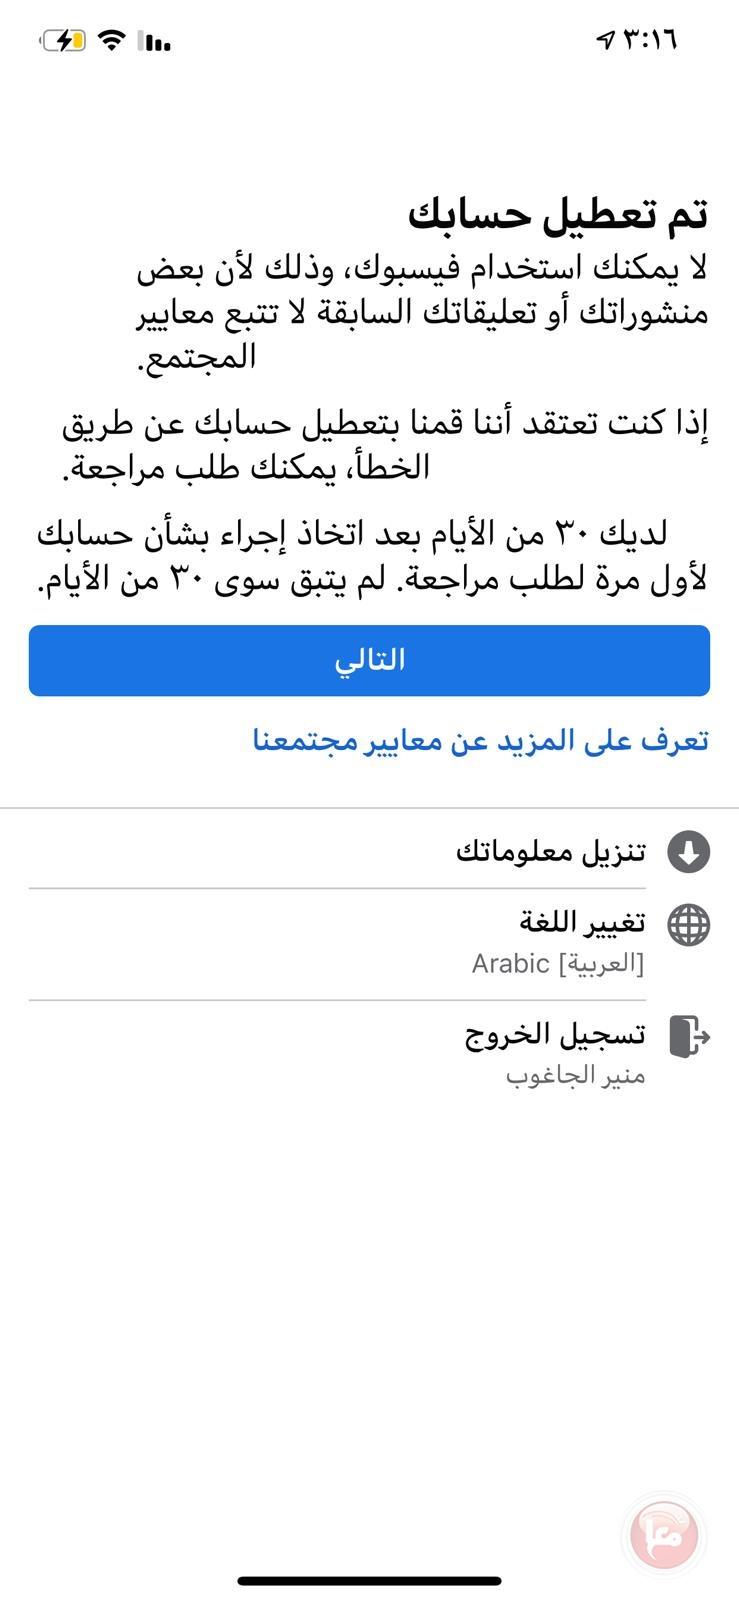 ادارة الفيسبوك تعطل صفحة منير الجاغوب